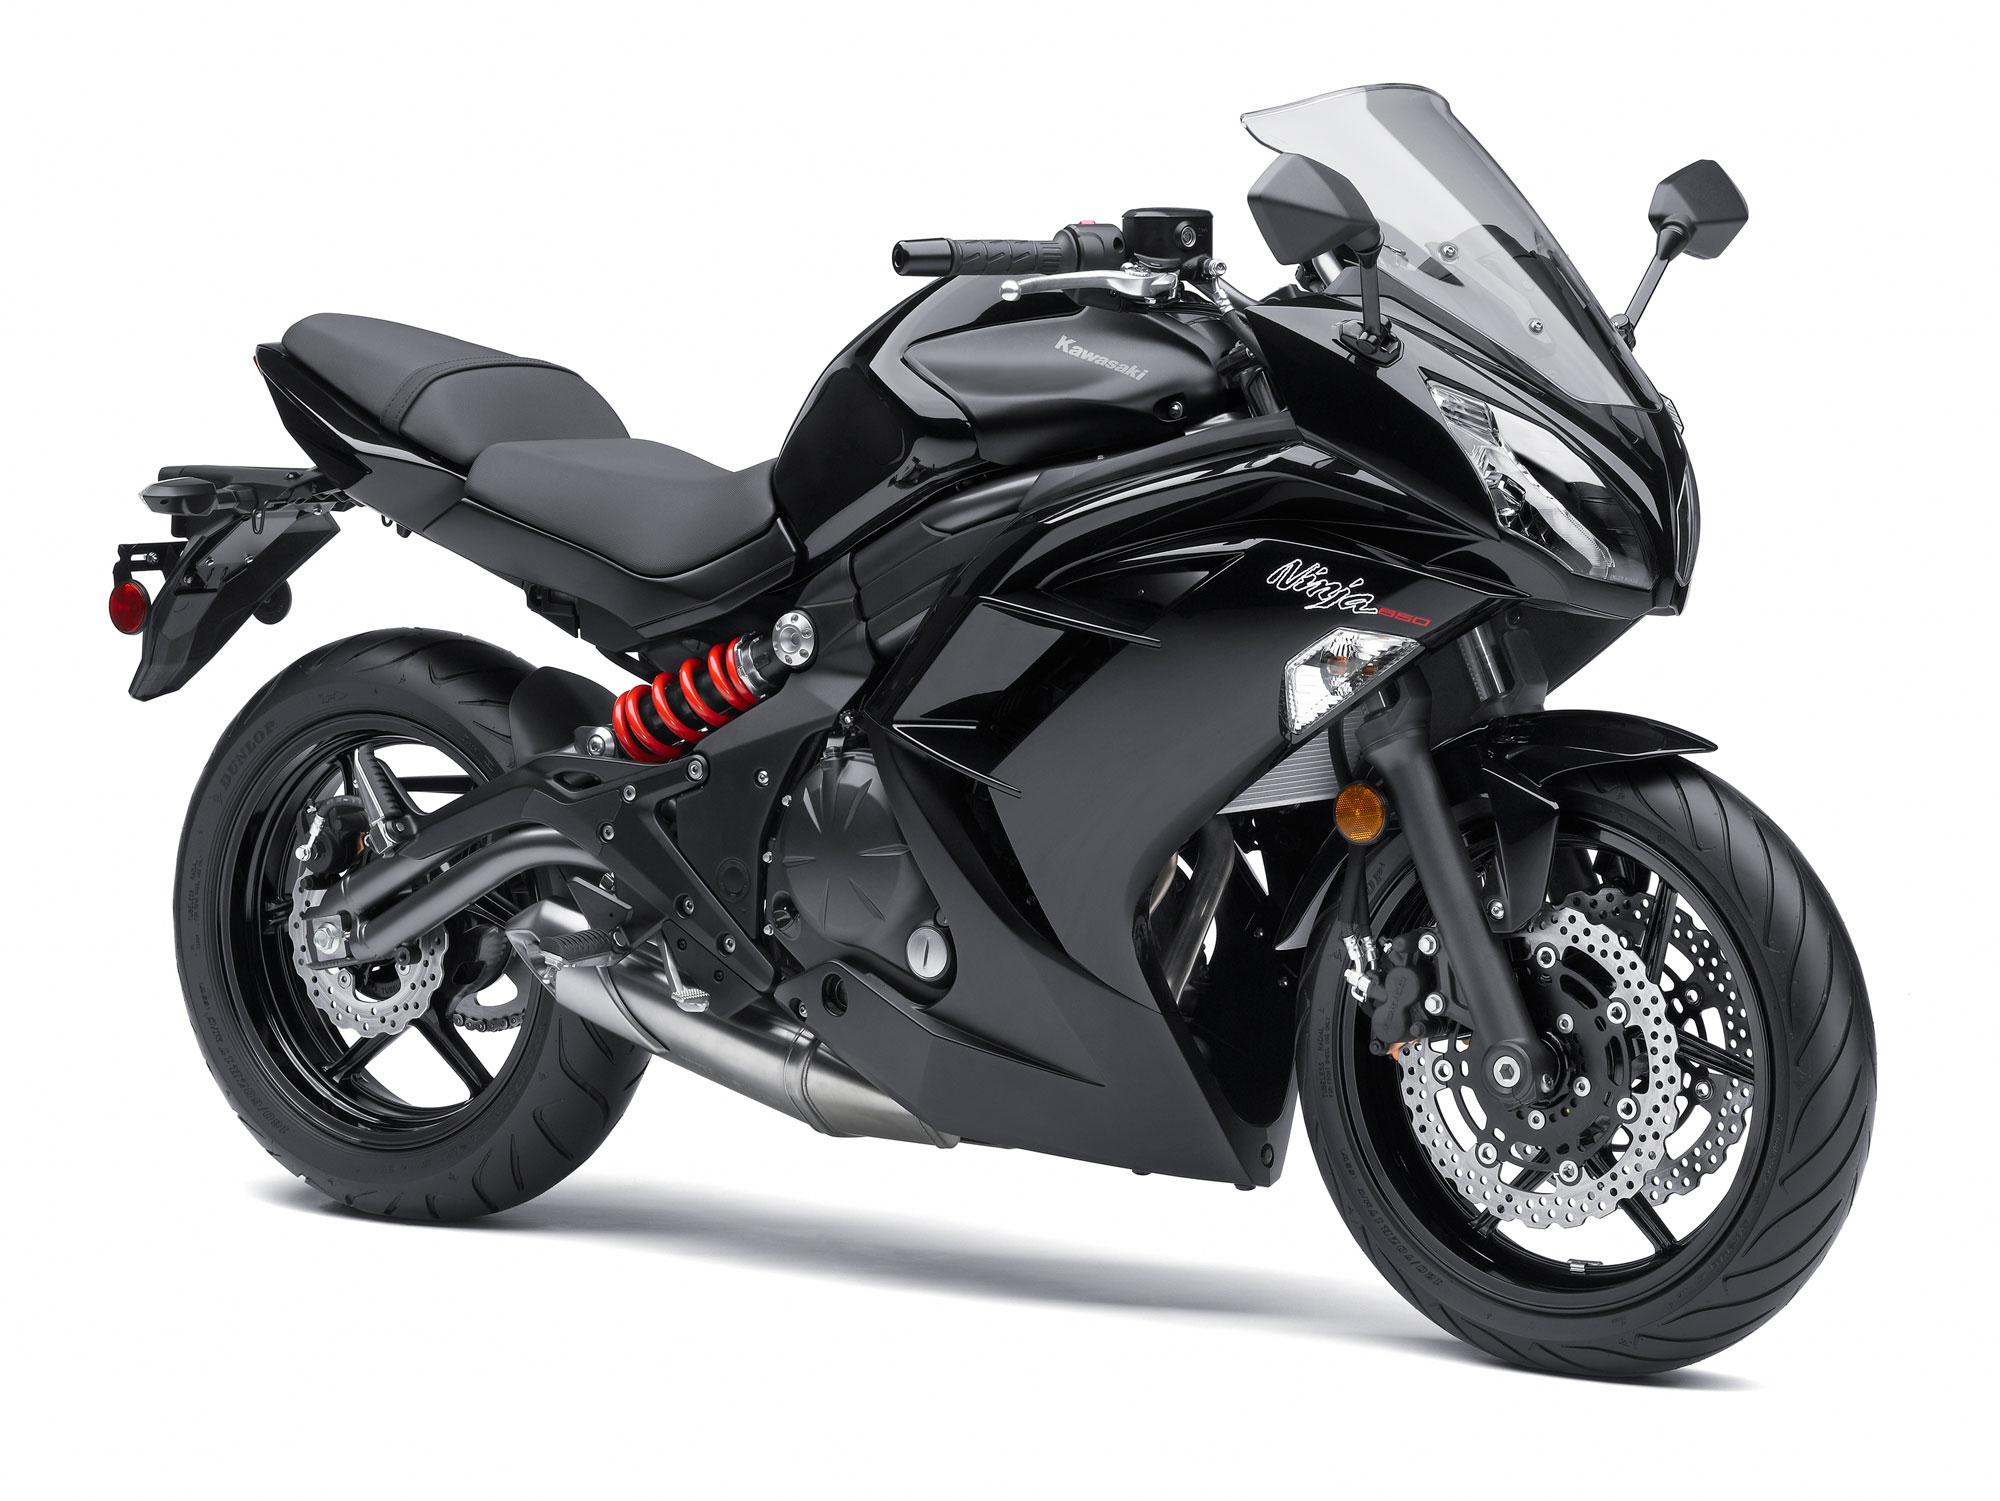 Ficha técnica da Kawasaki Ninja 650R 2013 a 2019